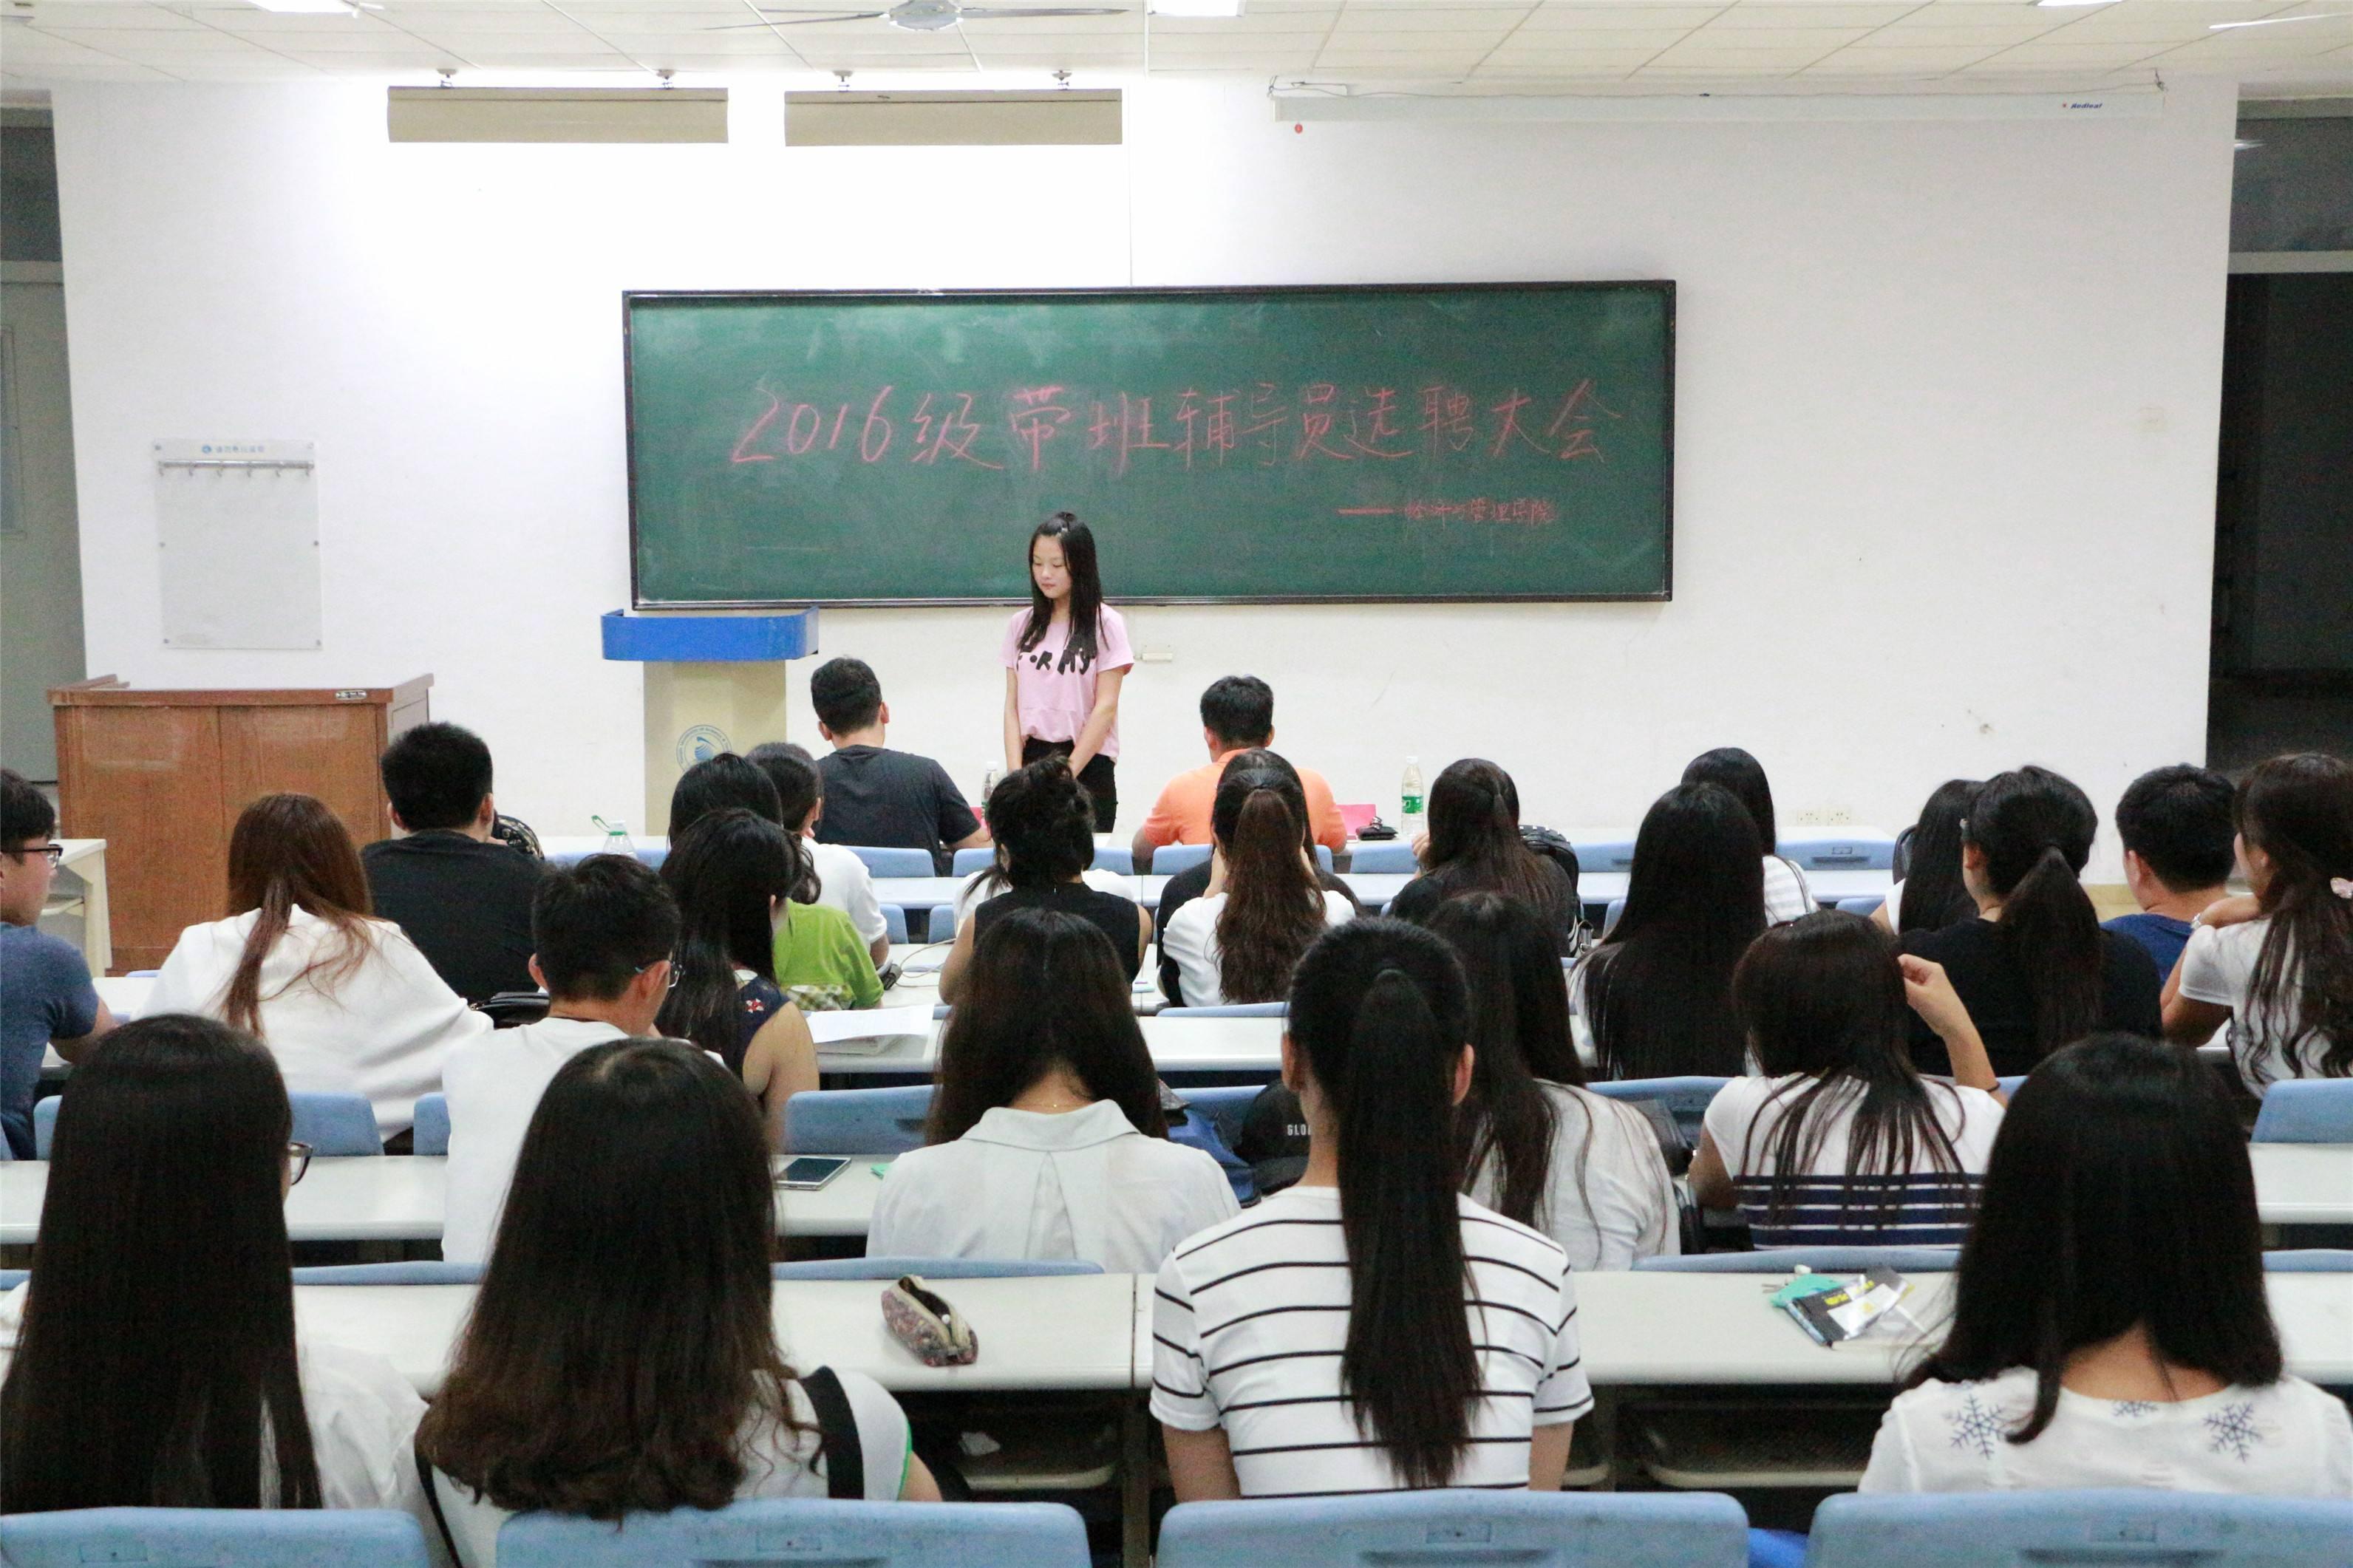 想考师范生的同学注意 这3个科目很缺乏老师人才,就业前途好